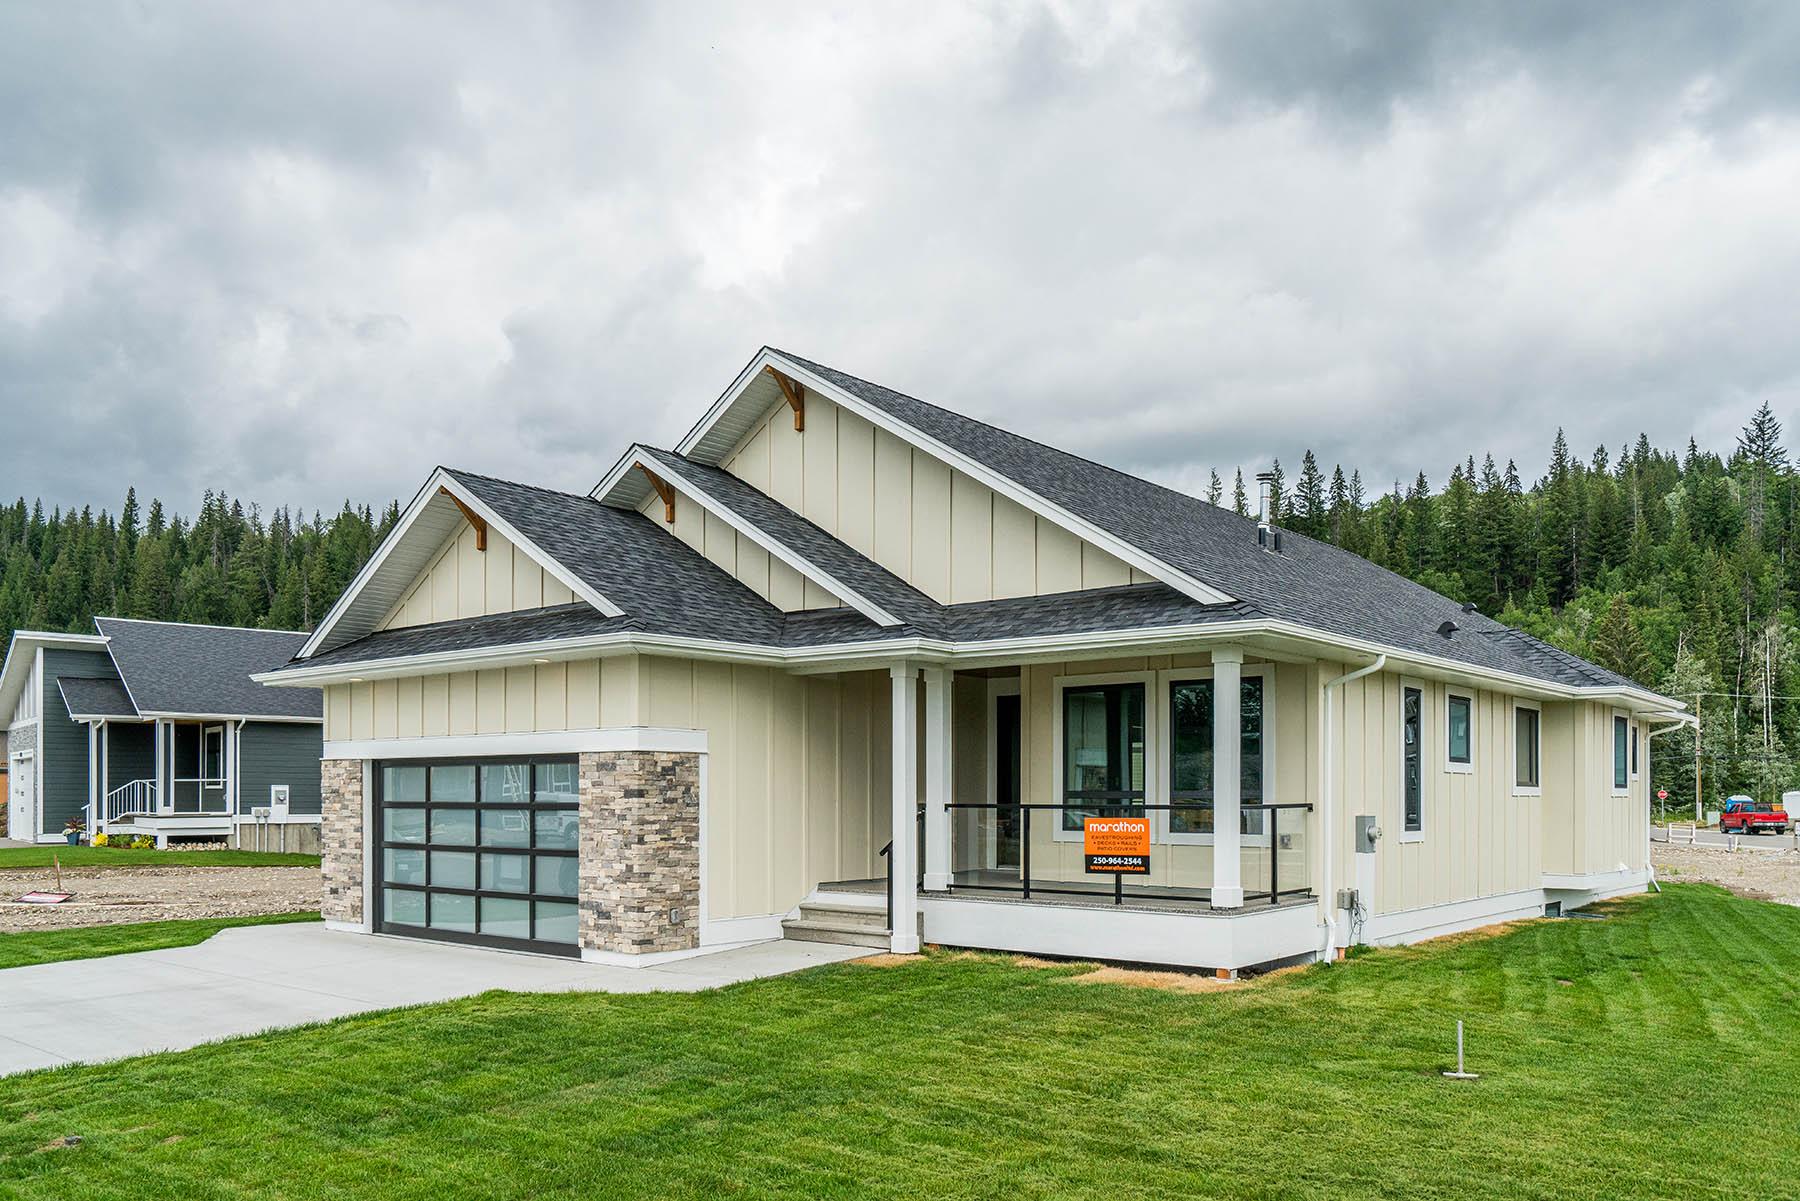 2019 Hospice Dream Home